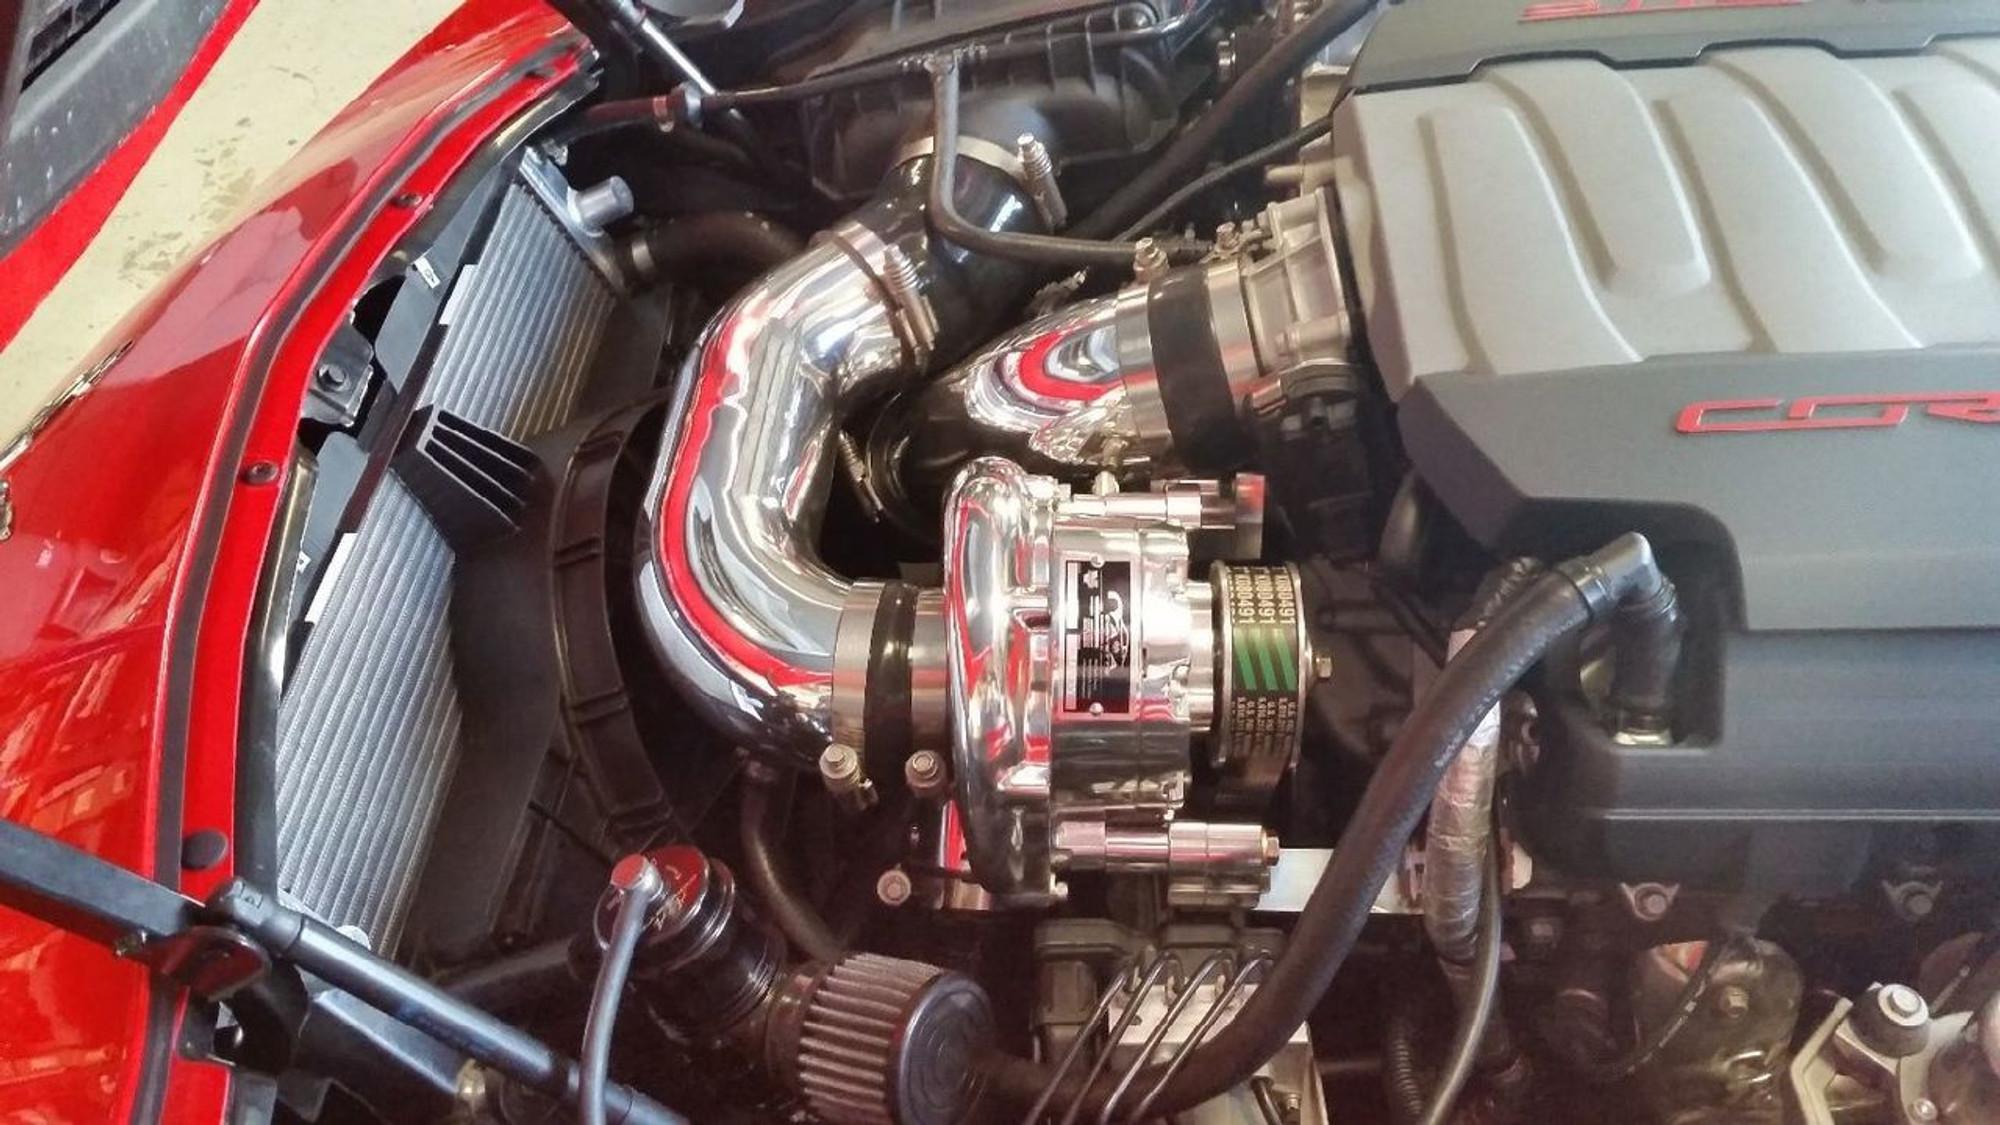 A&A Corvette Vortech Supercharger Kit for 2014-17 C7 Corvette (Polished)